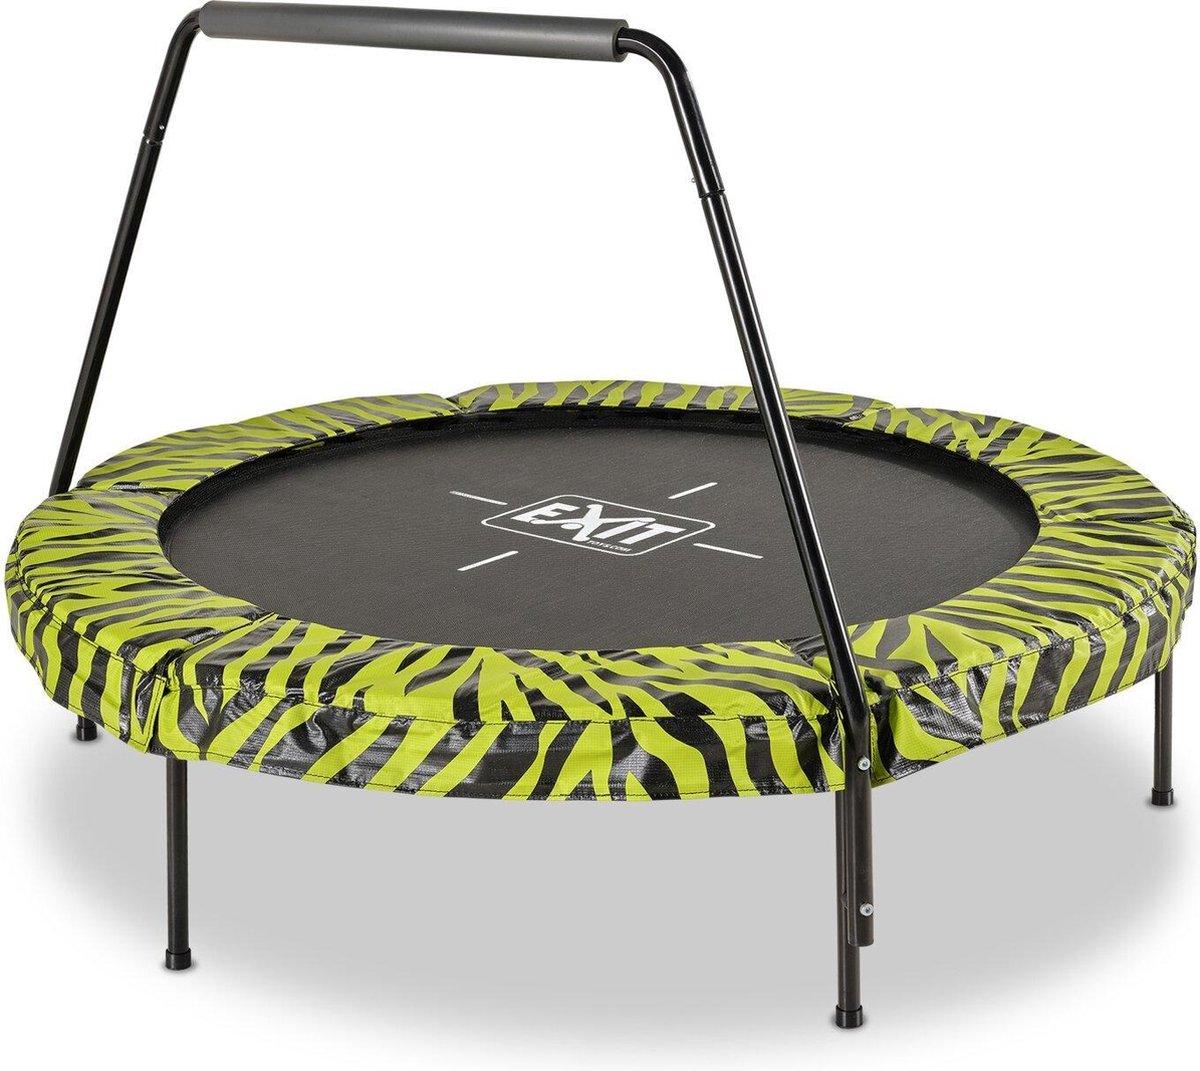 EXIT Tiggy junior trampoline met beugel ø140cm - zwart/groen